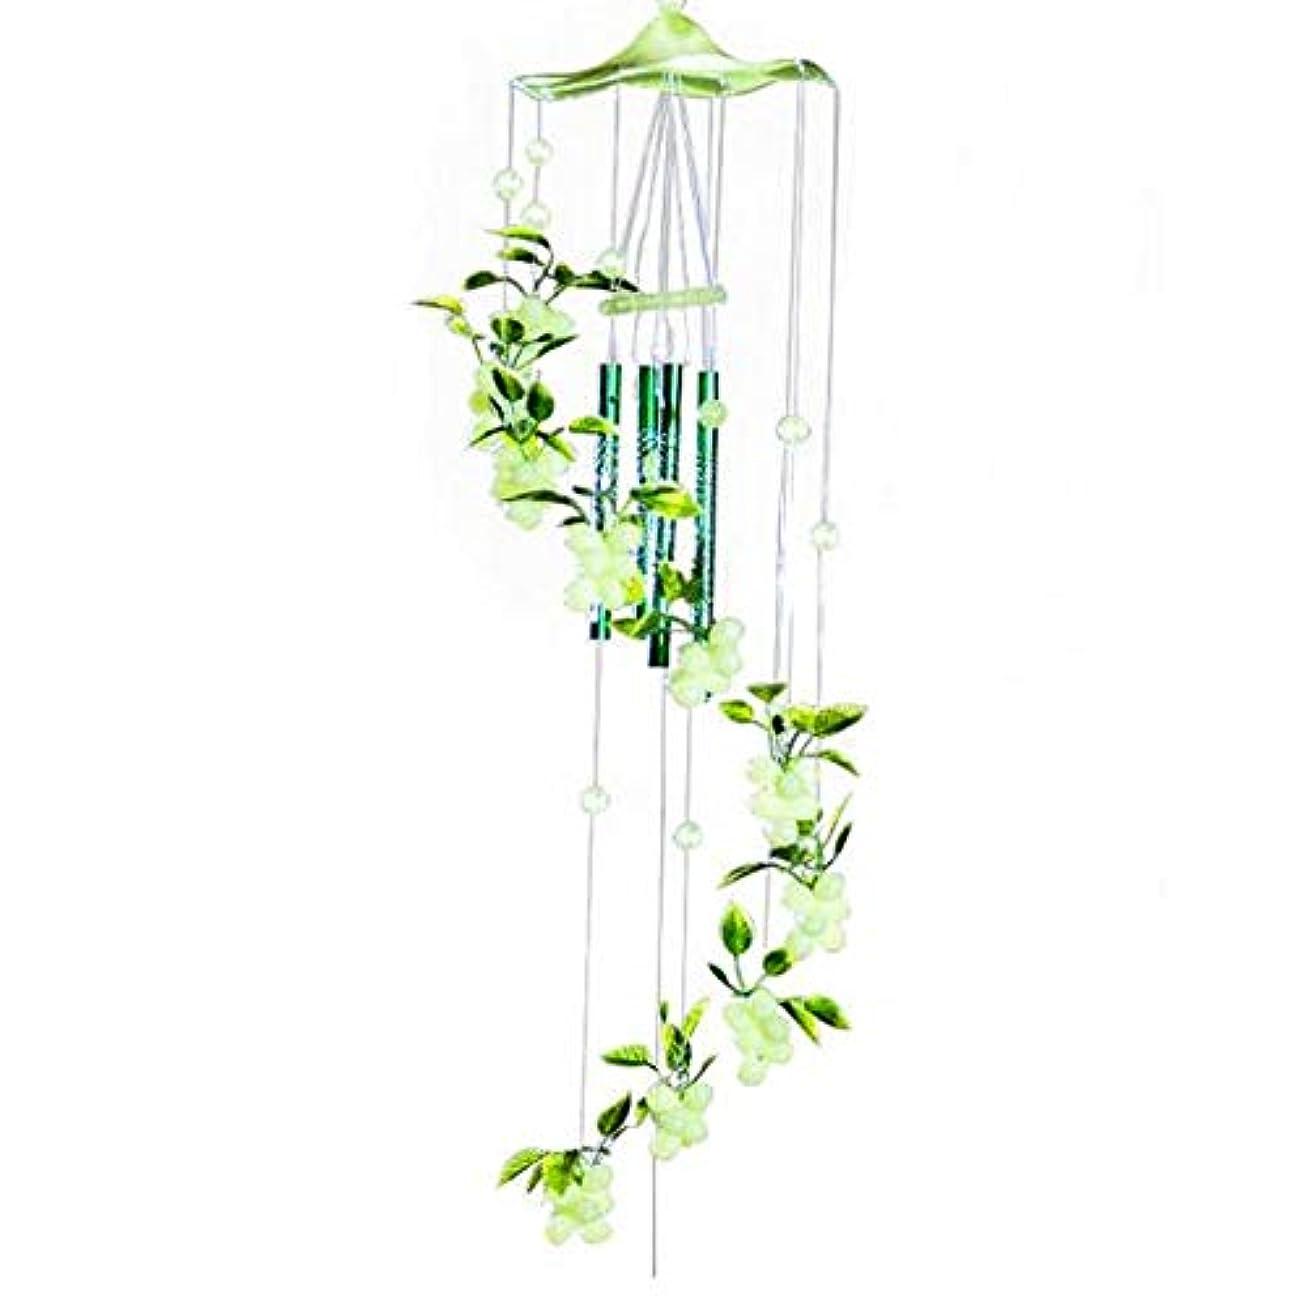 葉を拾う闇現像Yougou01 風チャイム、メタルブドウ風チャイム、グリーン、全身について70CM 、創造的な装飾